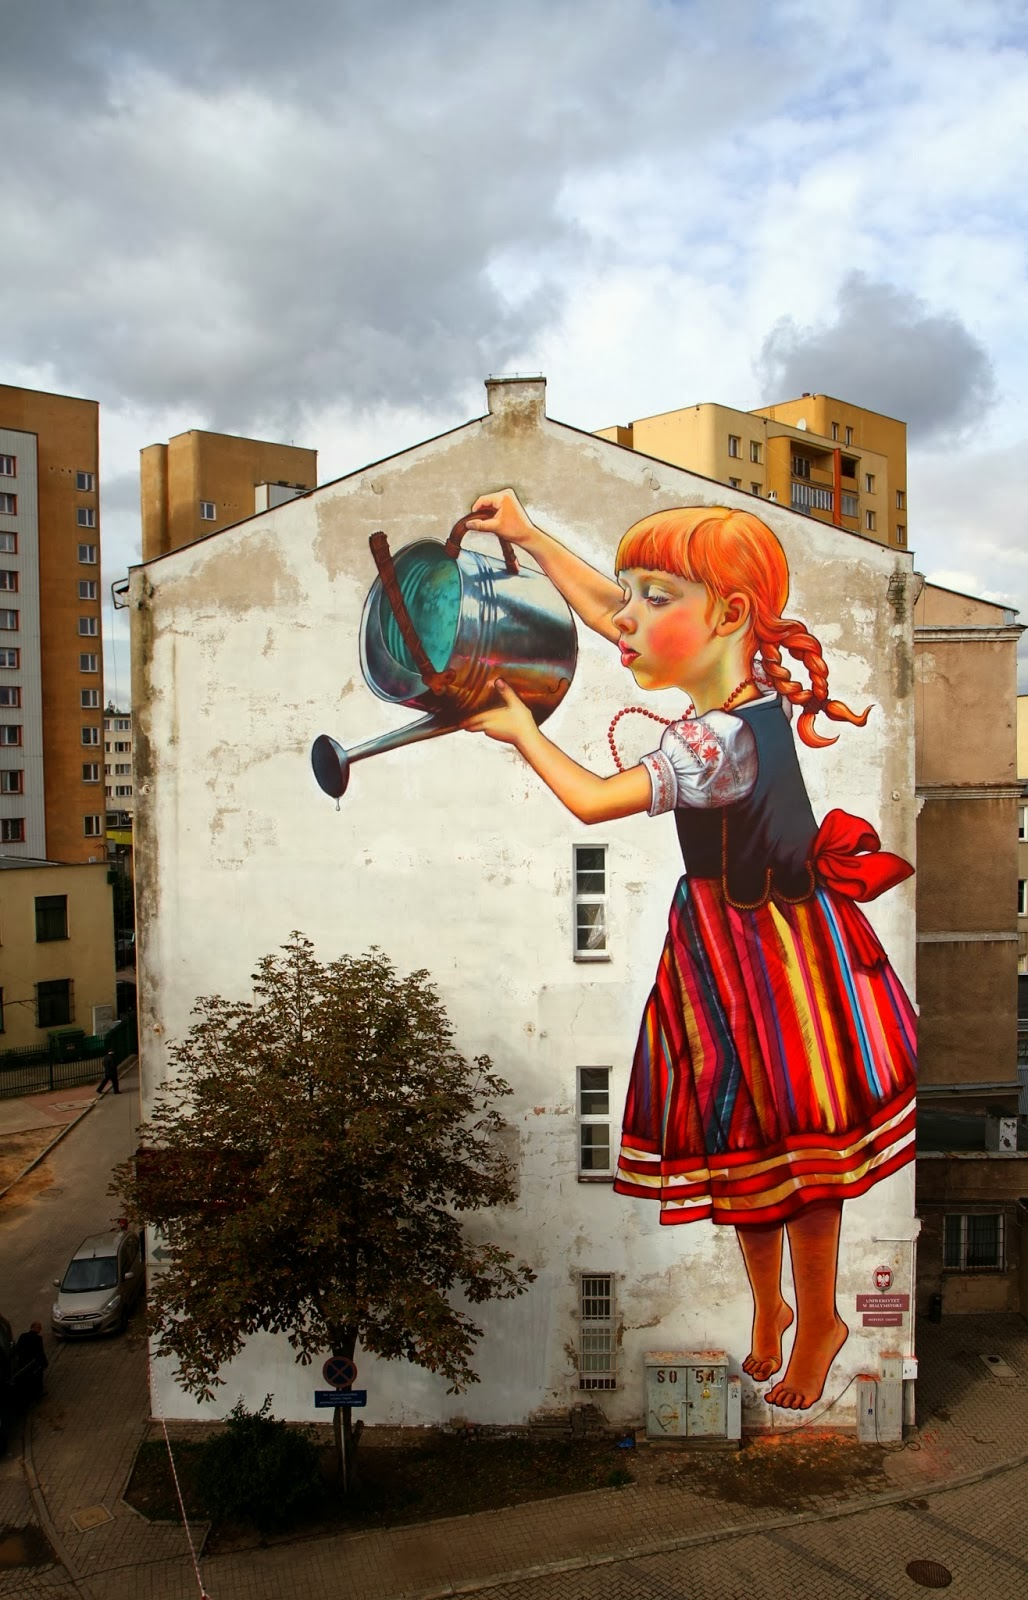 Streetart Legend of the Giants von Natalia Rak in Polen | Ein starkes Mural